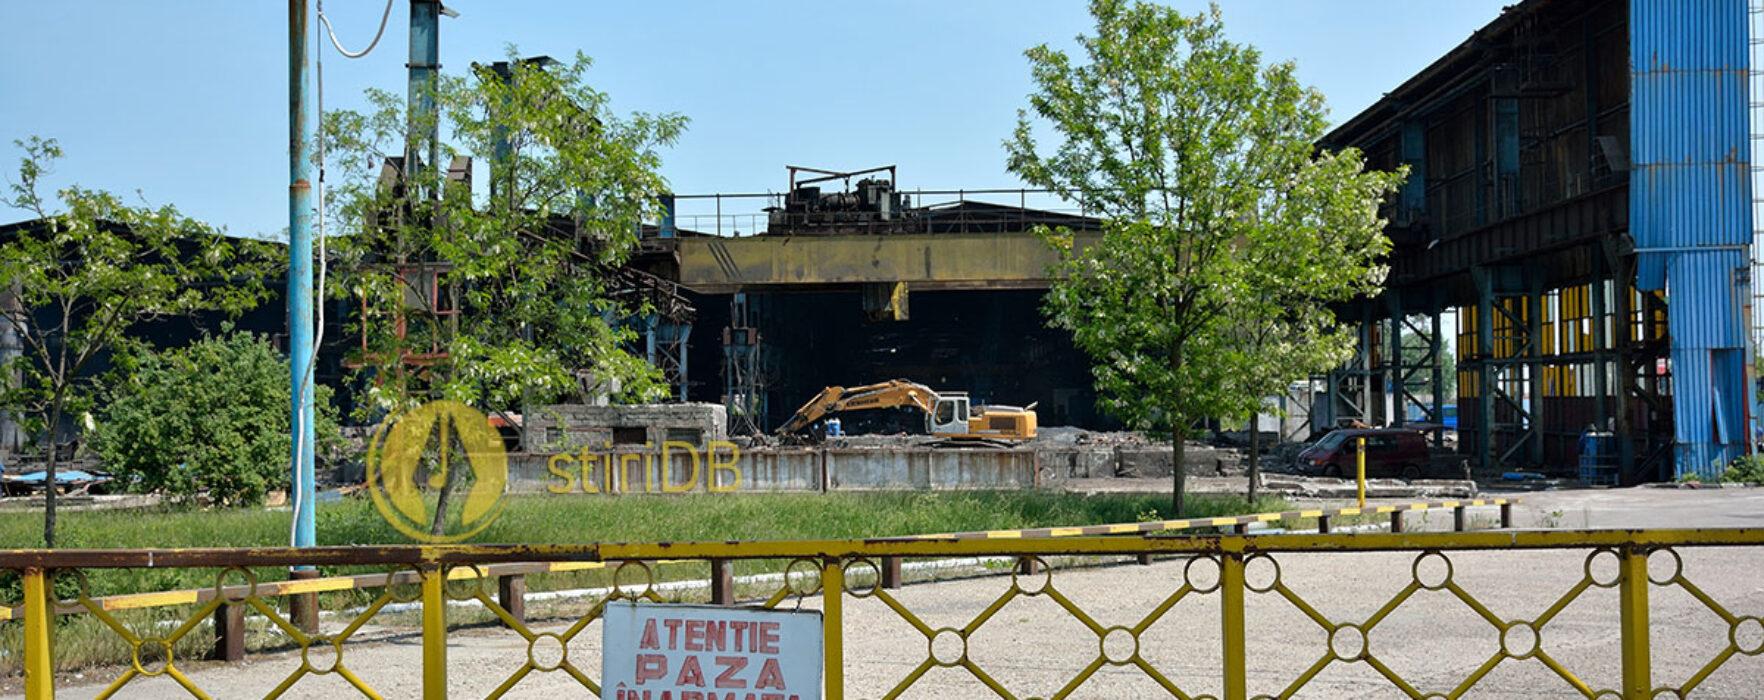 Un inginer de la COS Târgovişte a căzut de pe acoperişul unei hale şi a murit